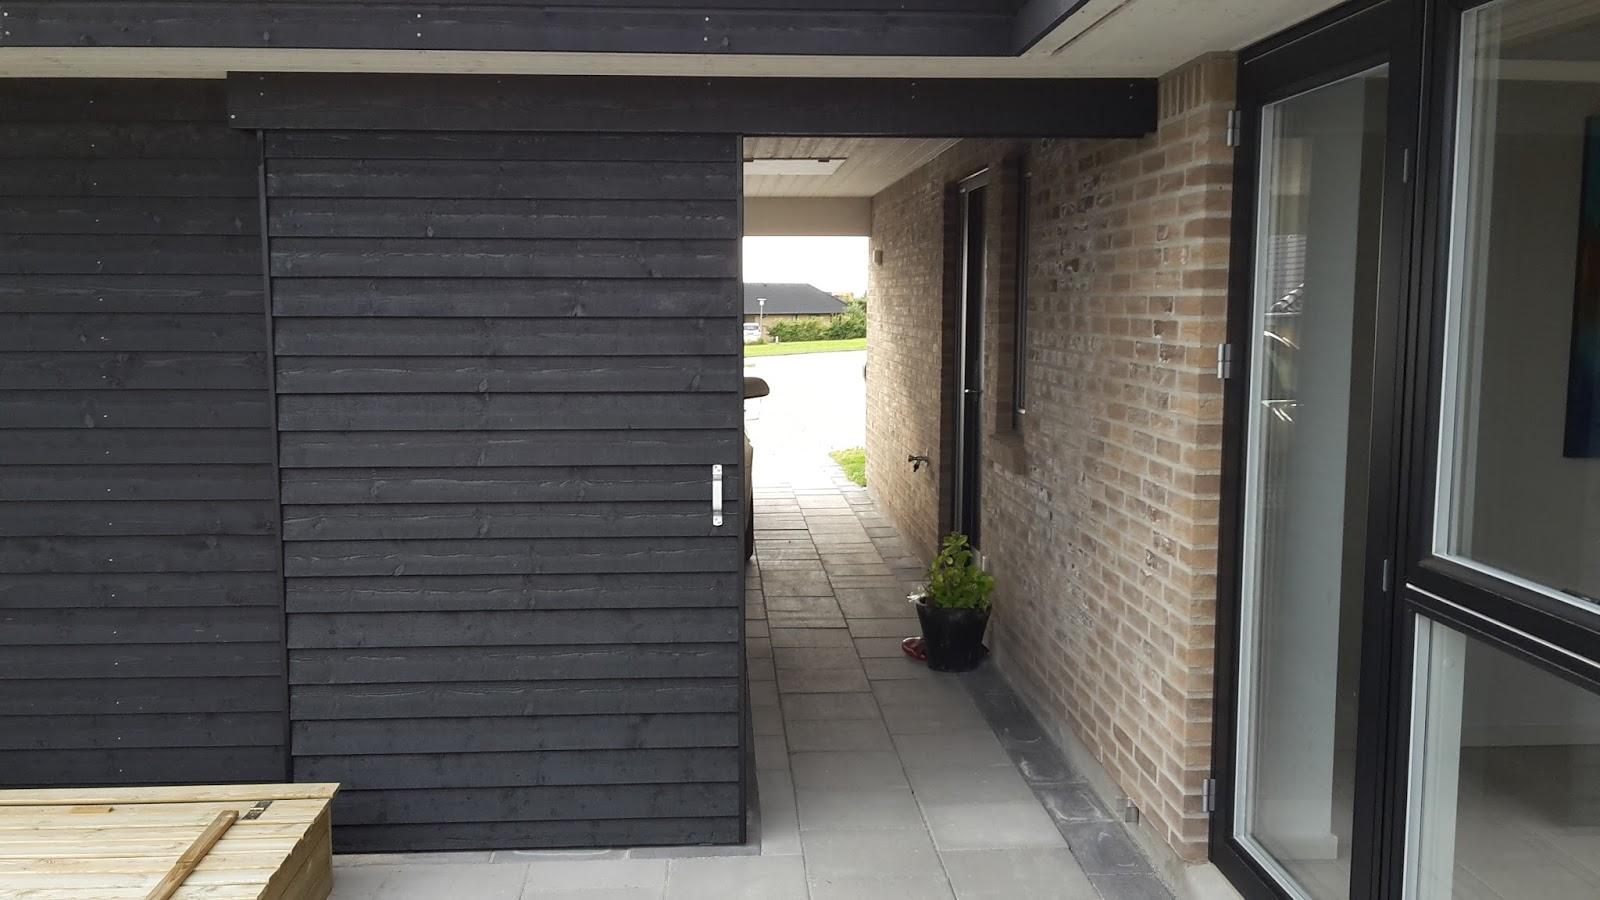 Beregning af boligstøtte: Skydedør udendørs skur